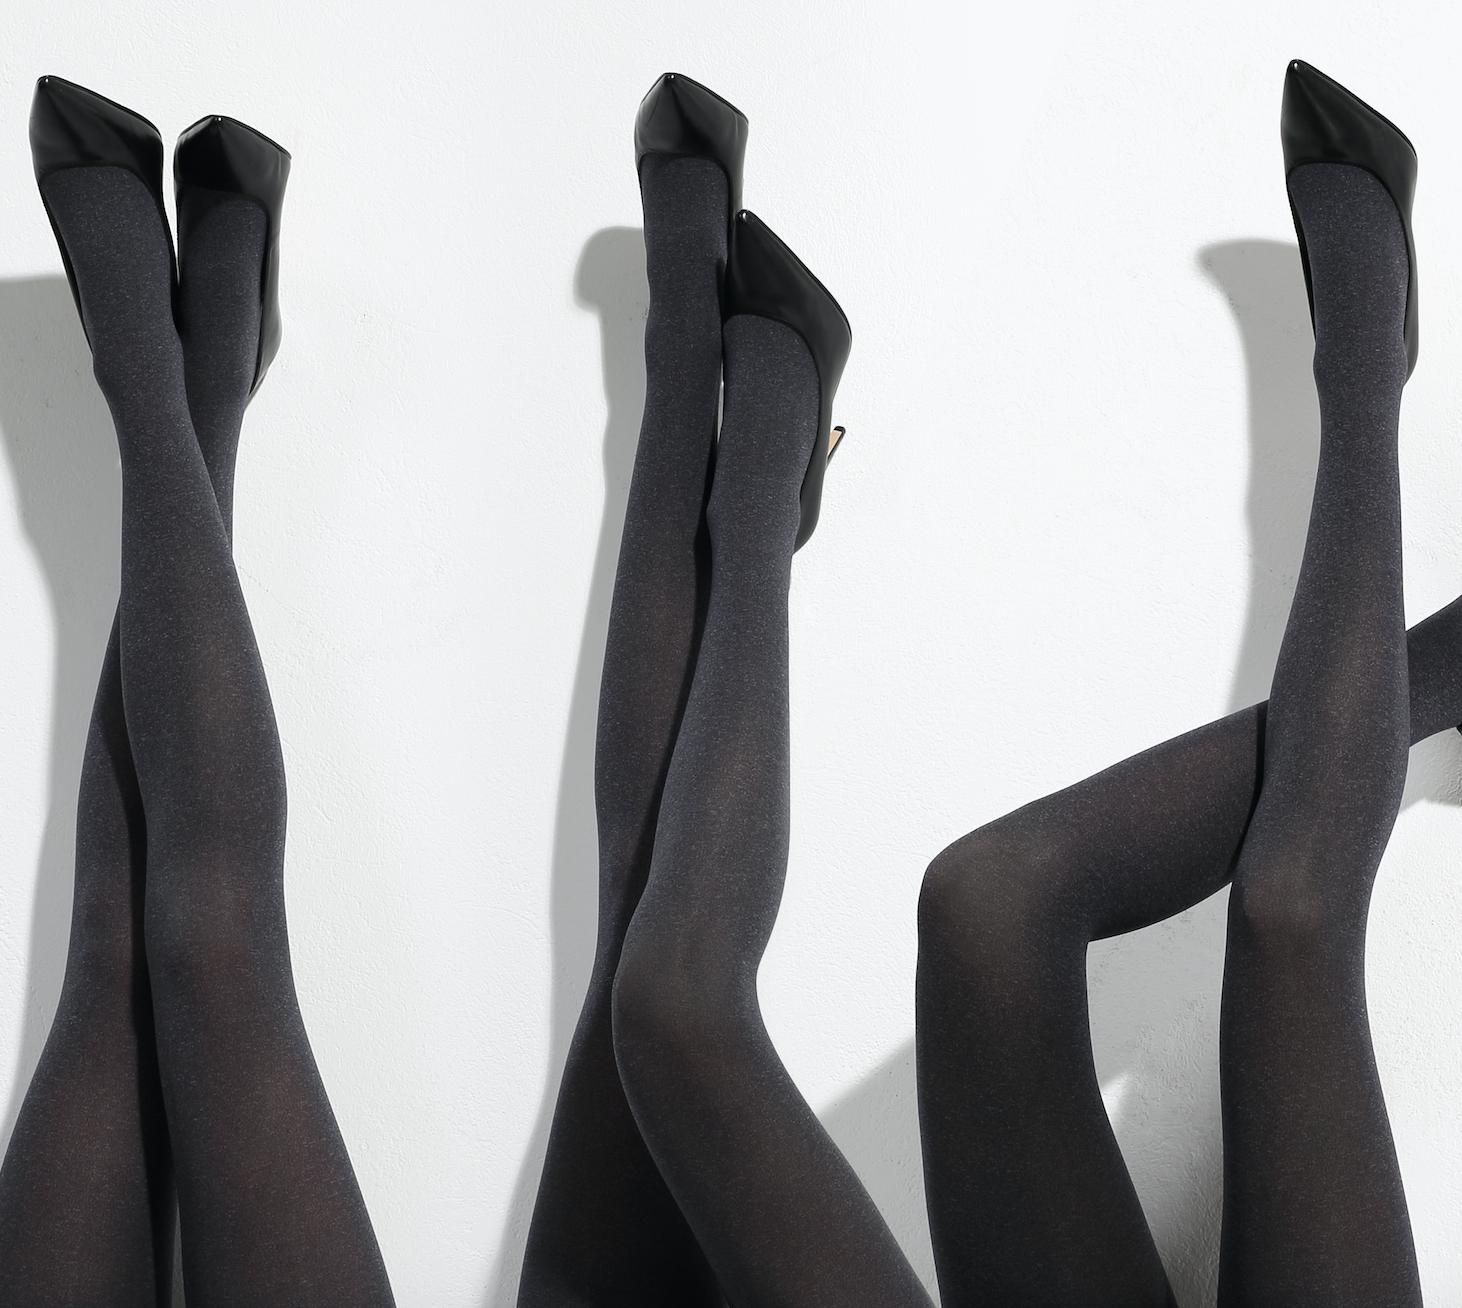 Ecocare tights